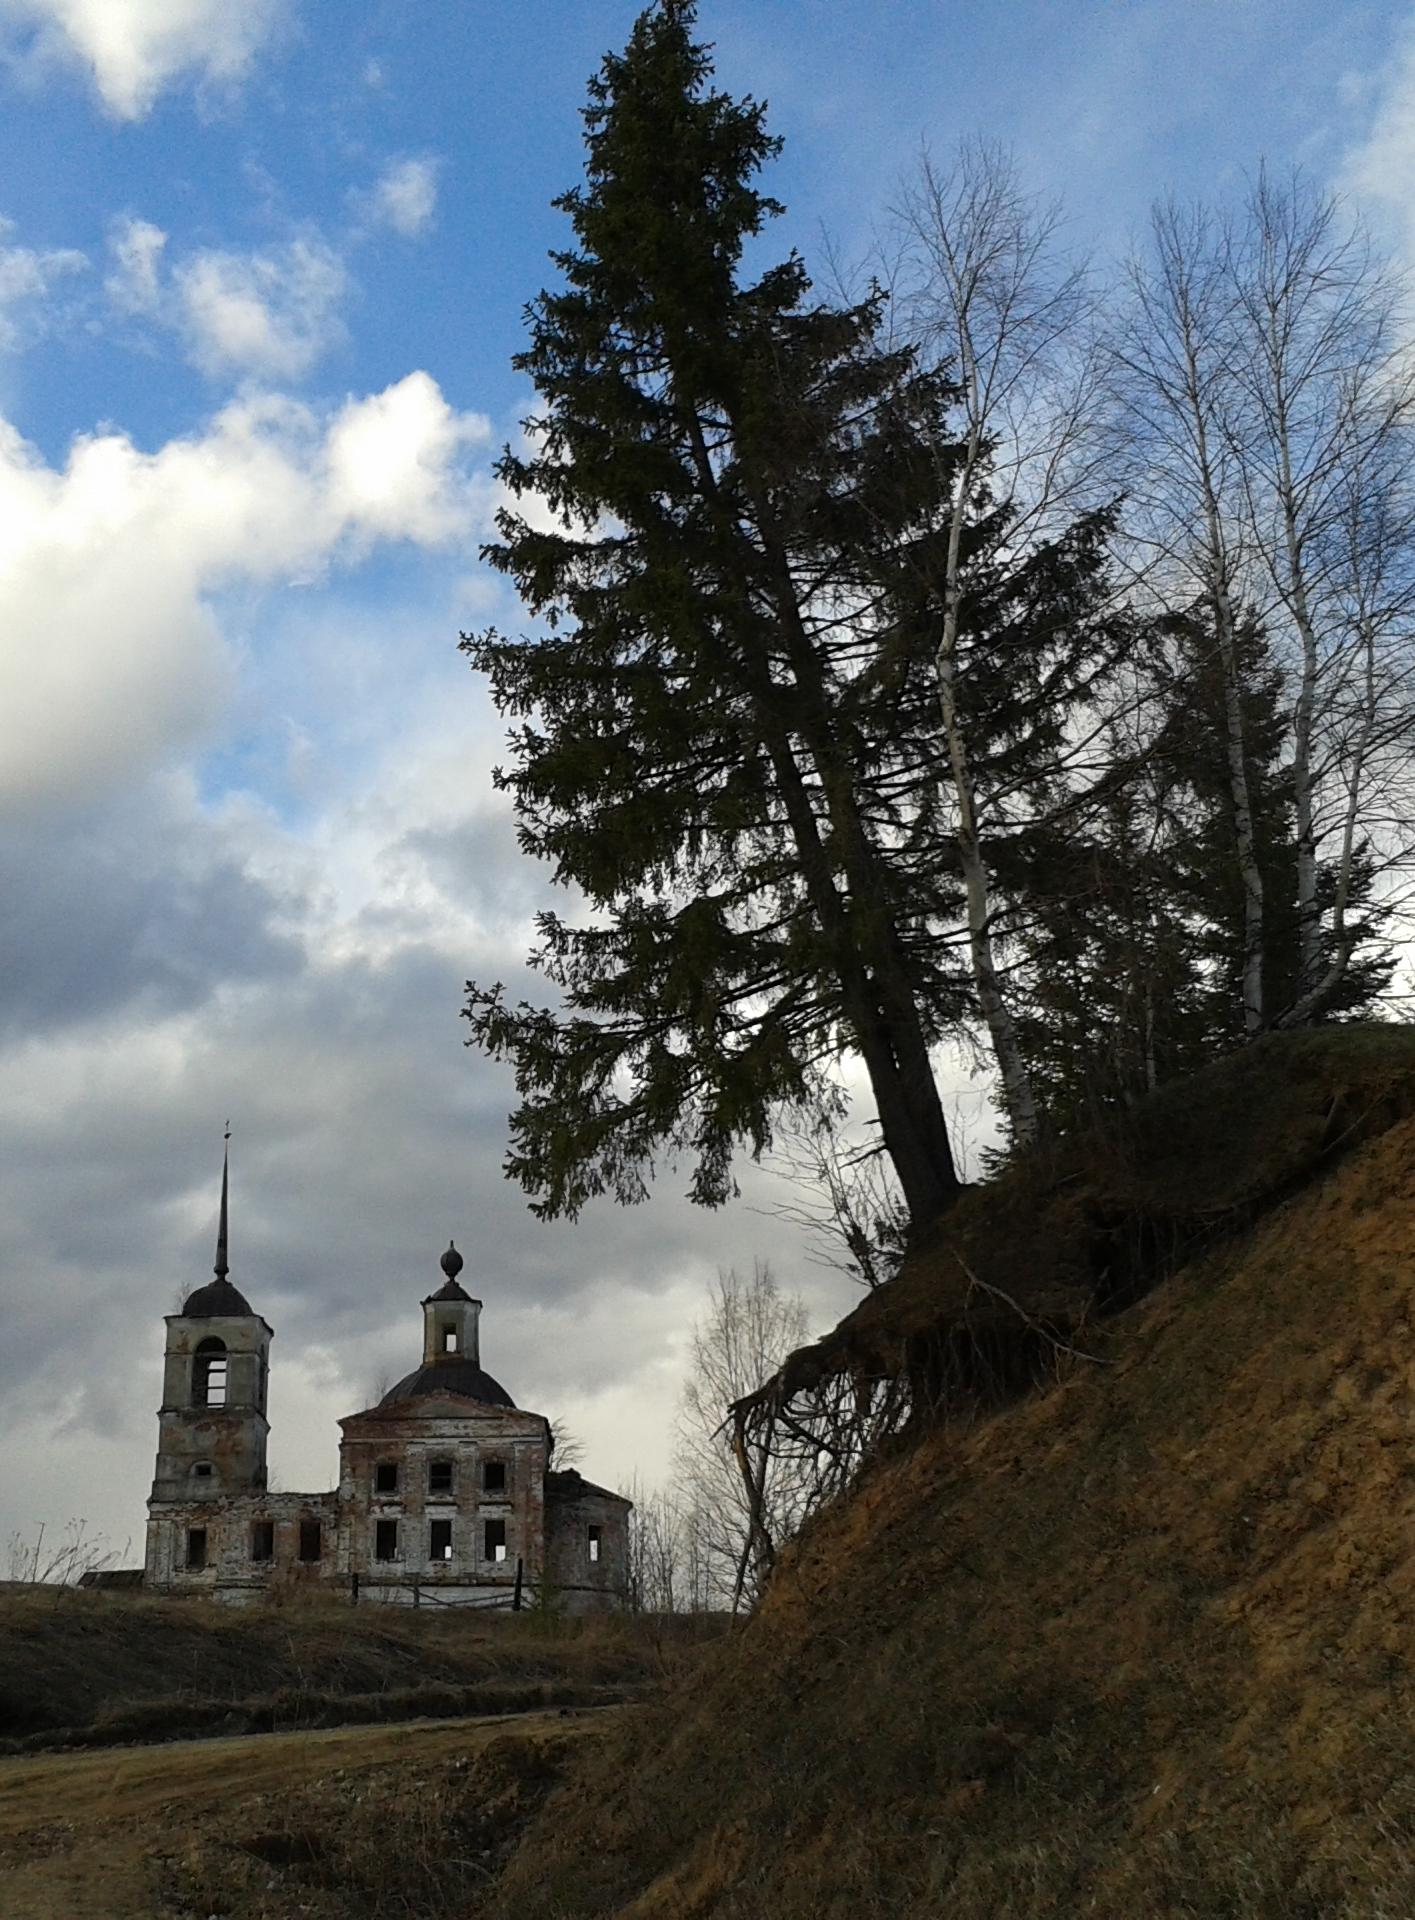 08.05.13. Деревня Урдома. Паромный причал. Церковь Воскресения Христова 1842 года постройки.